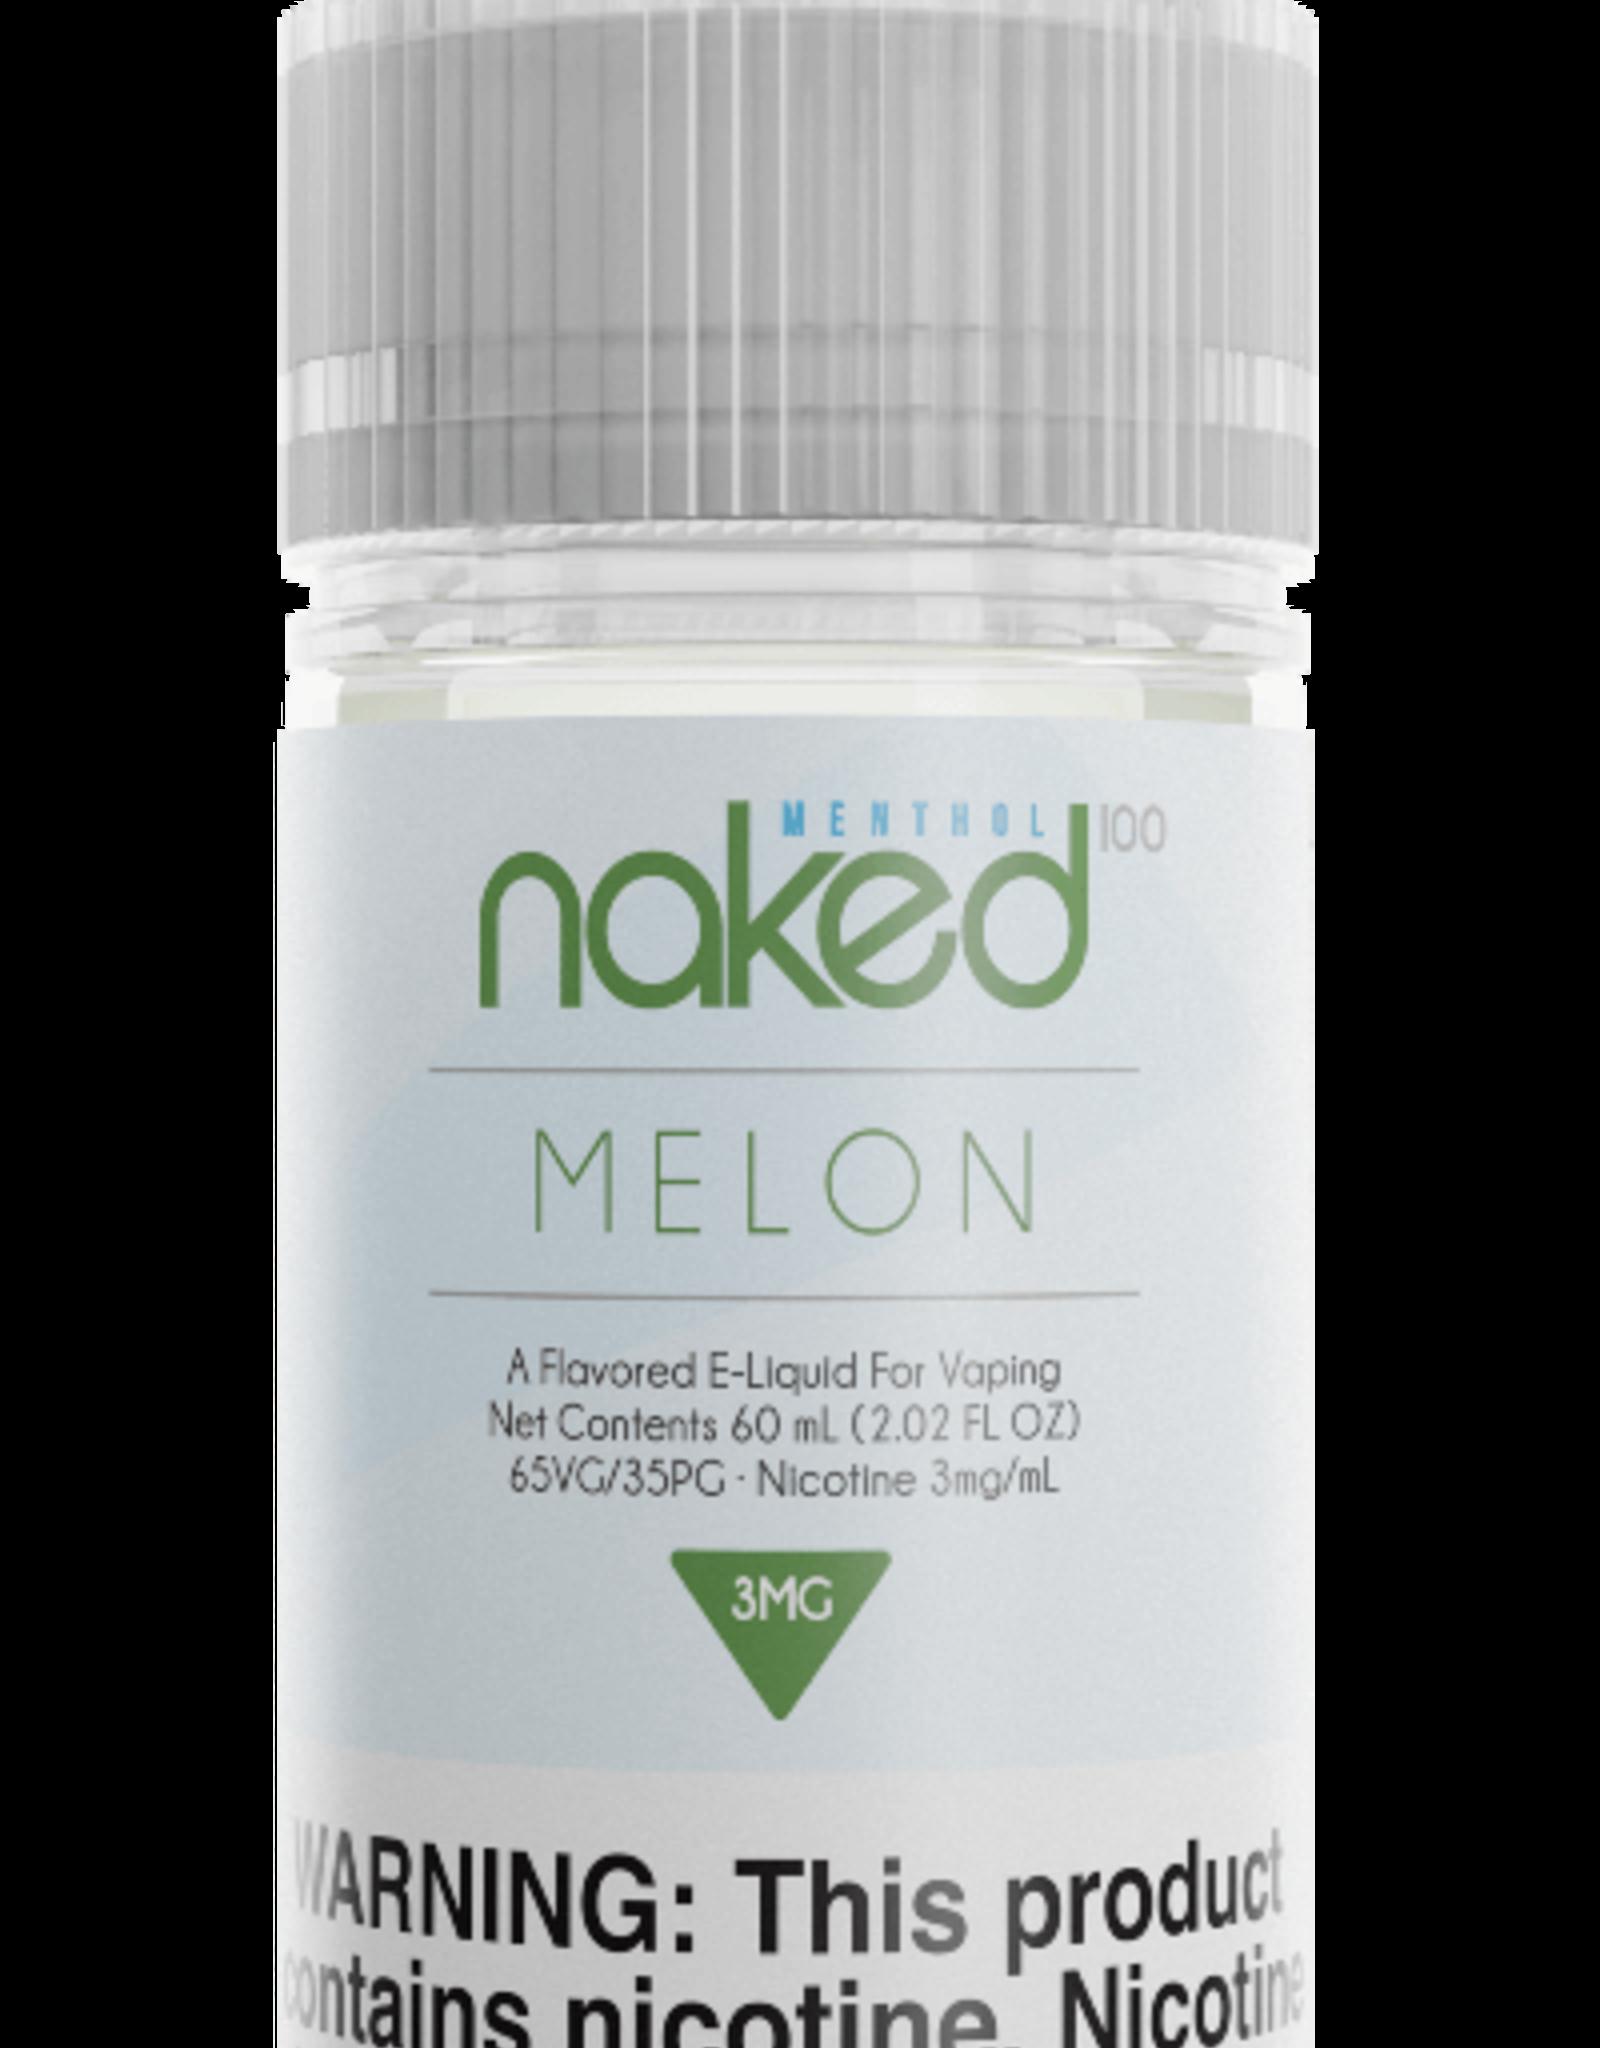 Naked 100 Melon